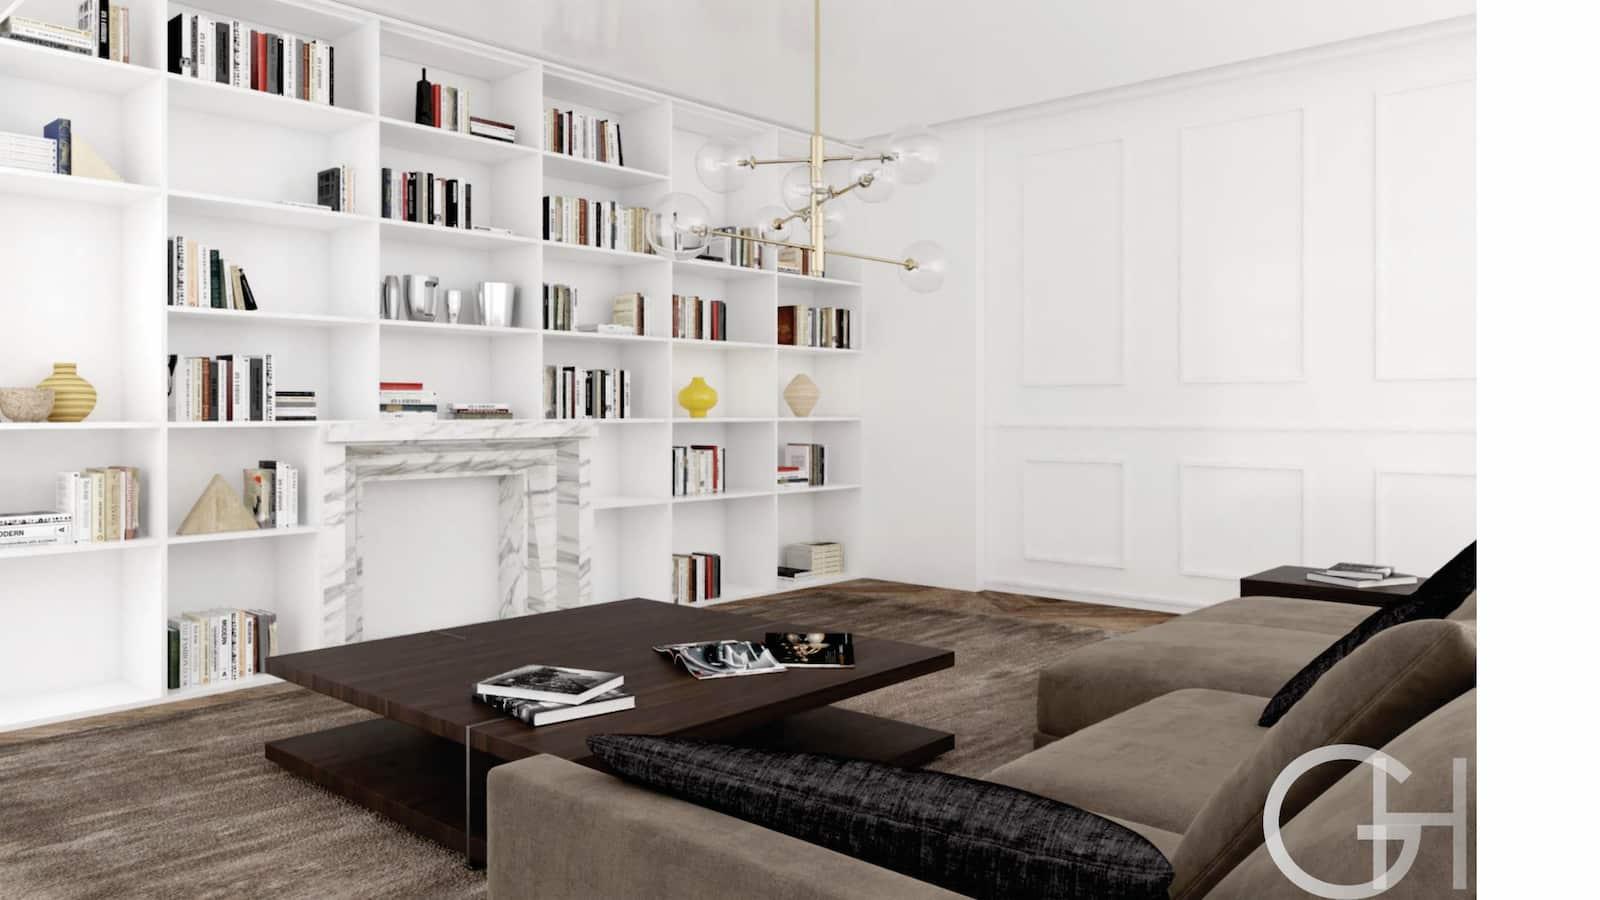 casa-gh-interior